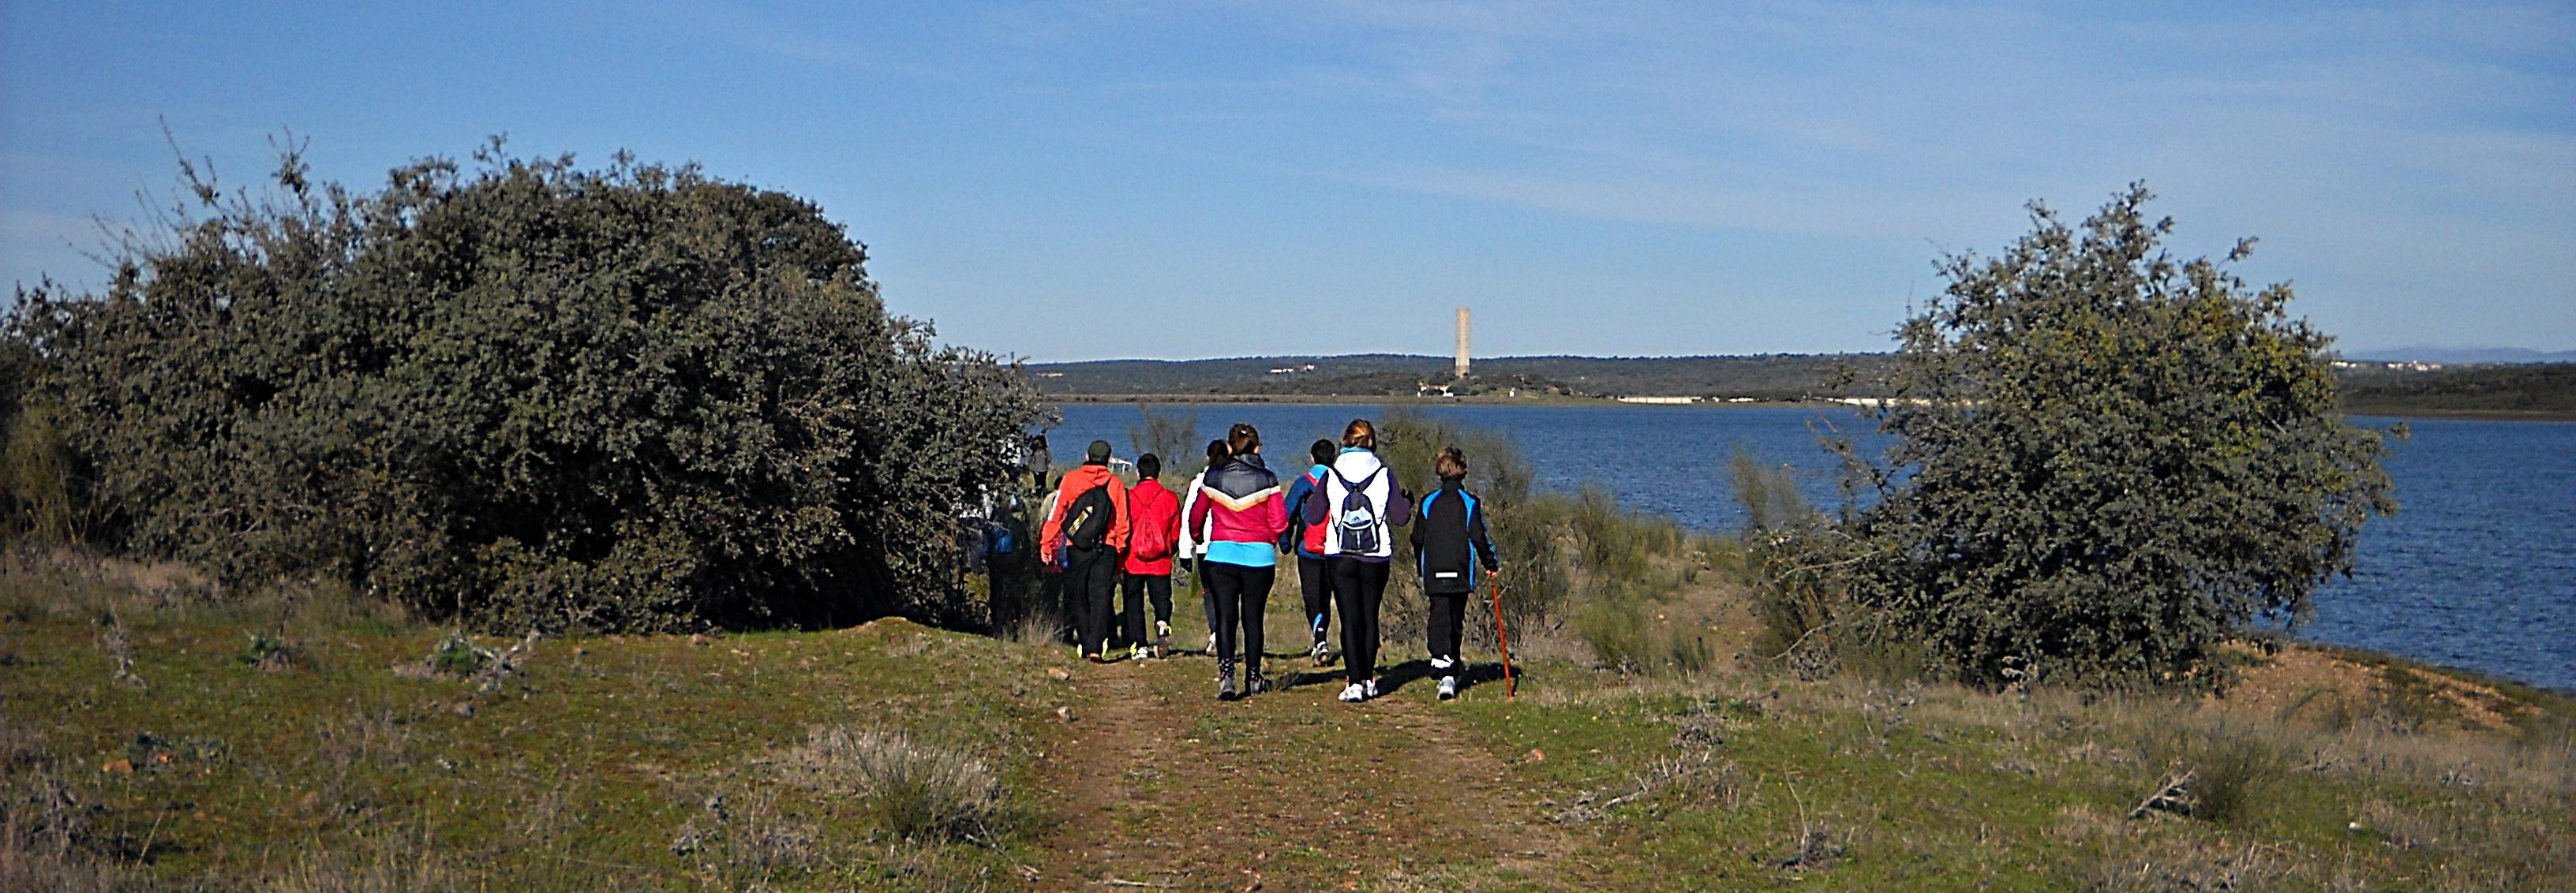 Gran éxito de participación en el arranque del I Circuito Senderista de Torrejoncillo